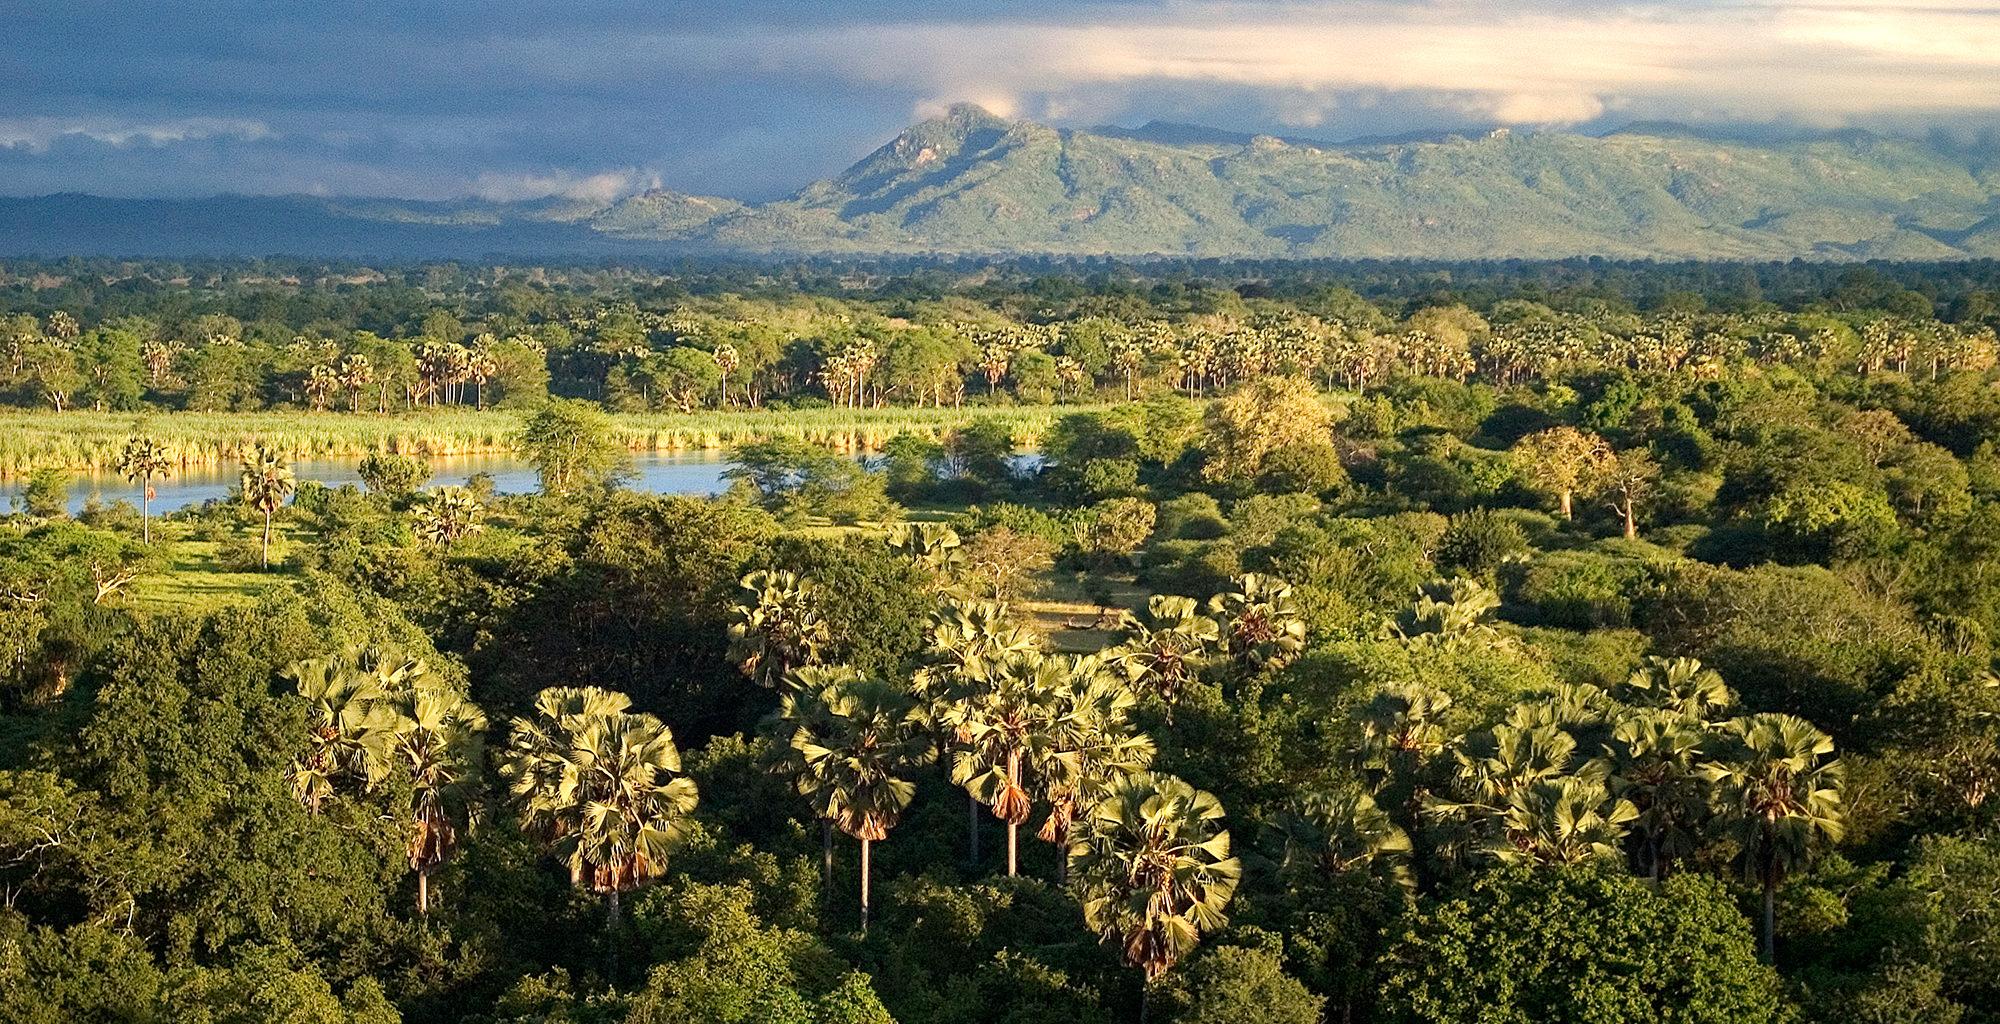 Malawi-Liwonde-National-Park-Landscape-Aerial